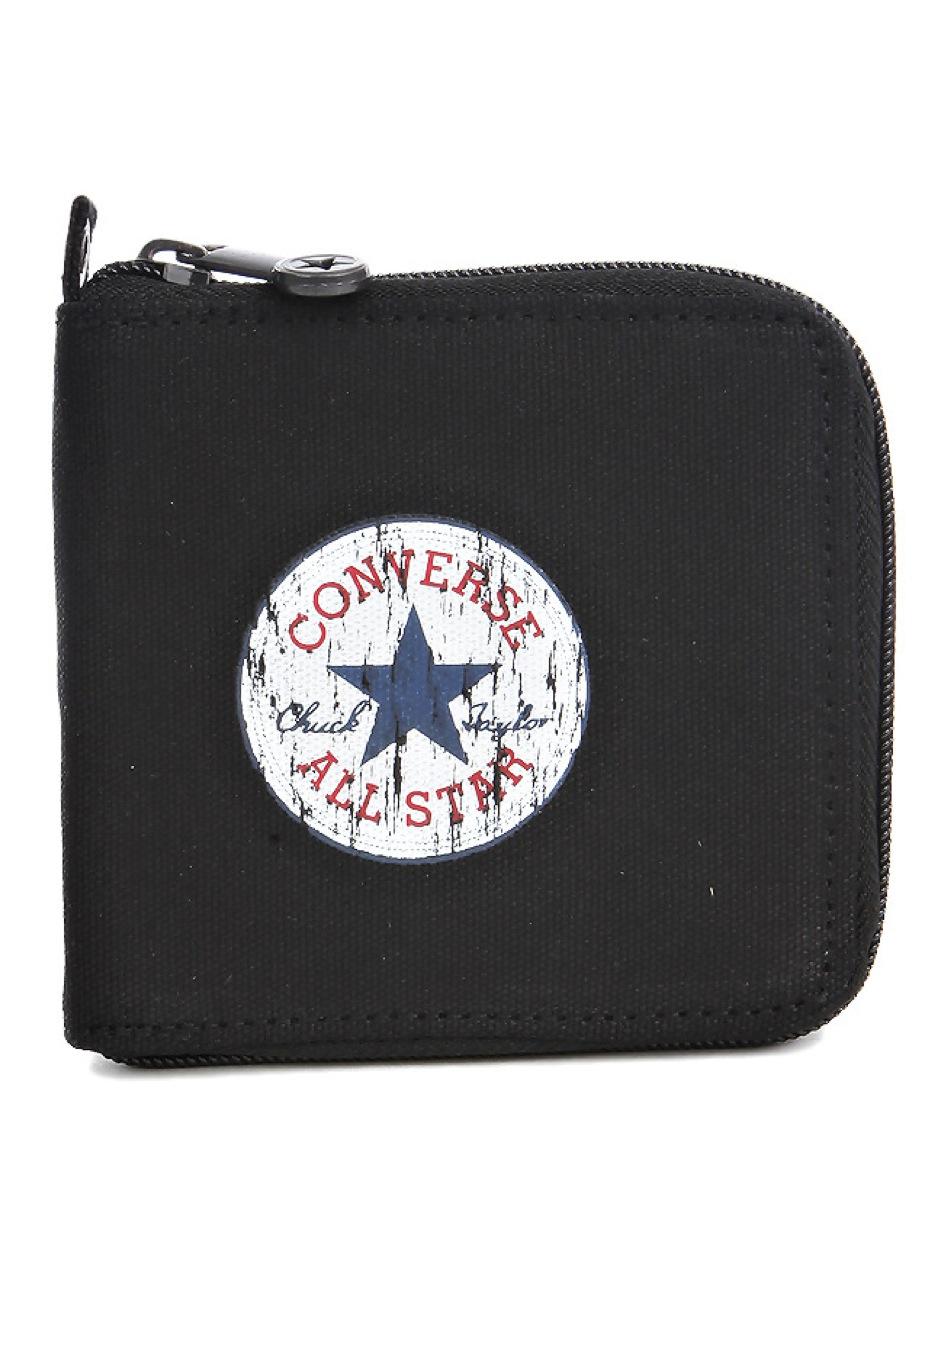 Converse - Vintage Patch Zip - Wallet - Impericon.com UK 9fcf425038